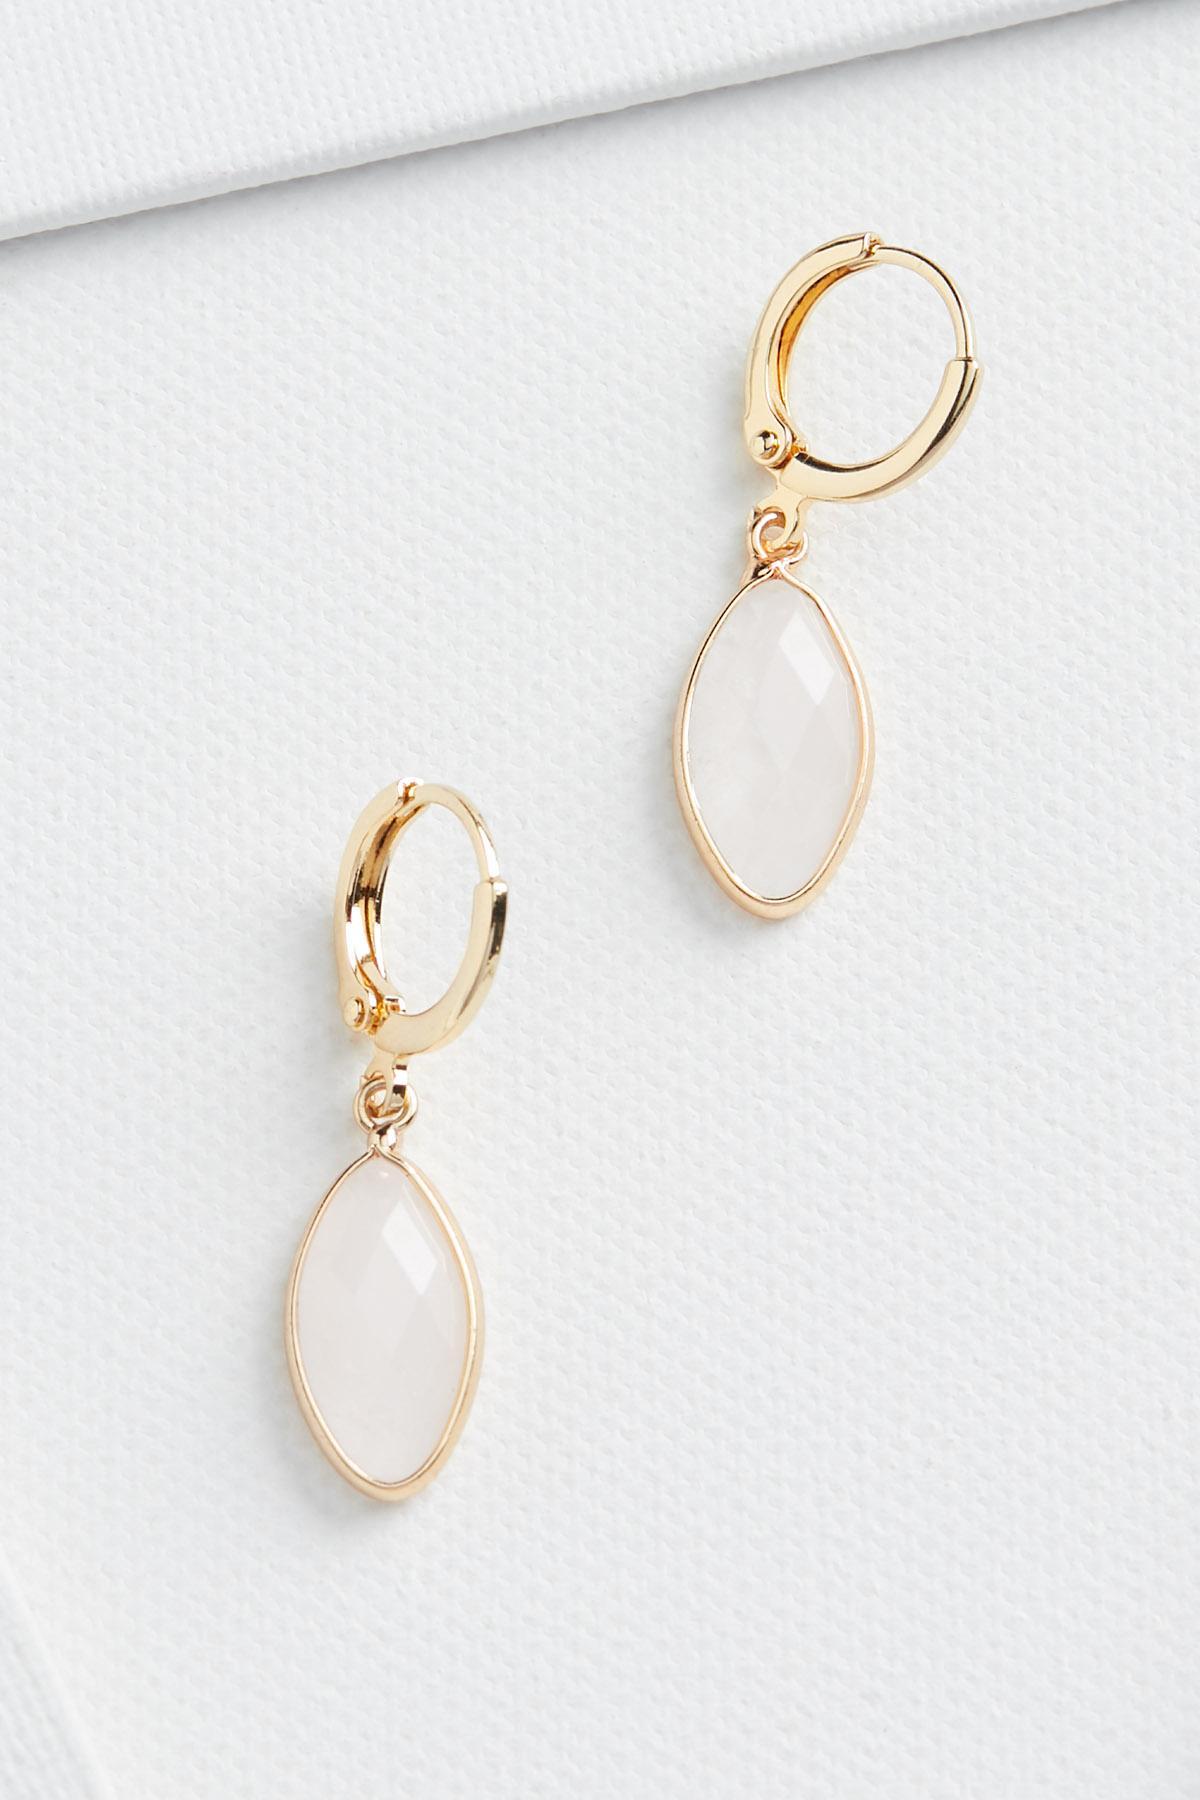 Cateye Dangle Earrings